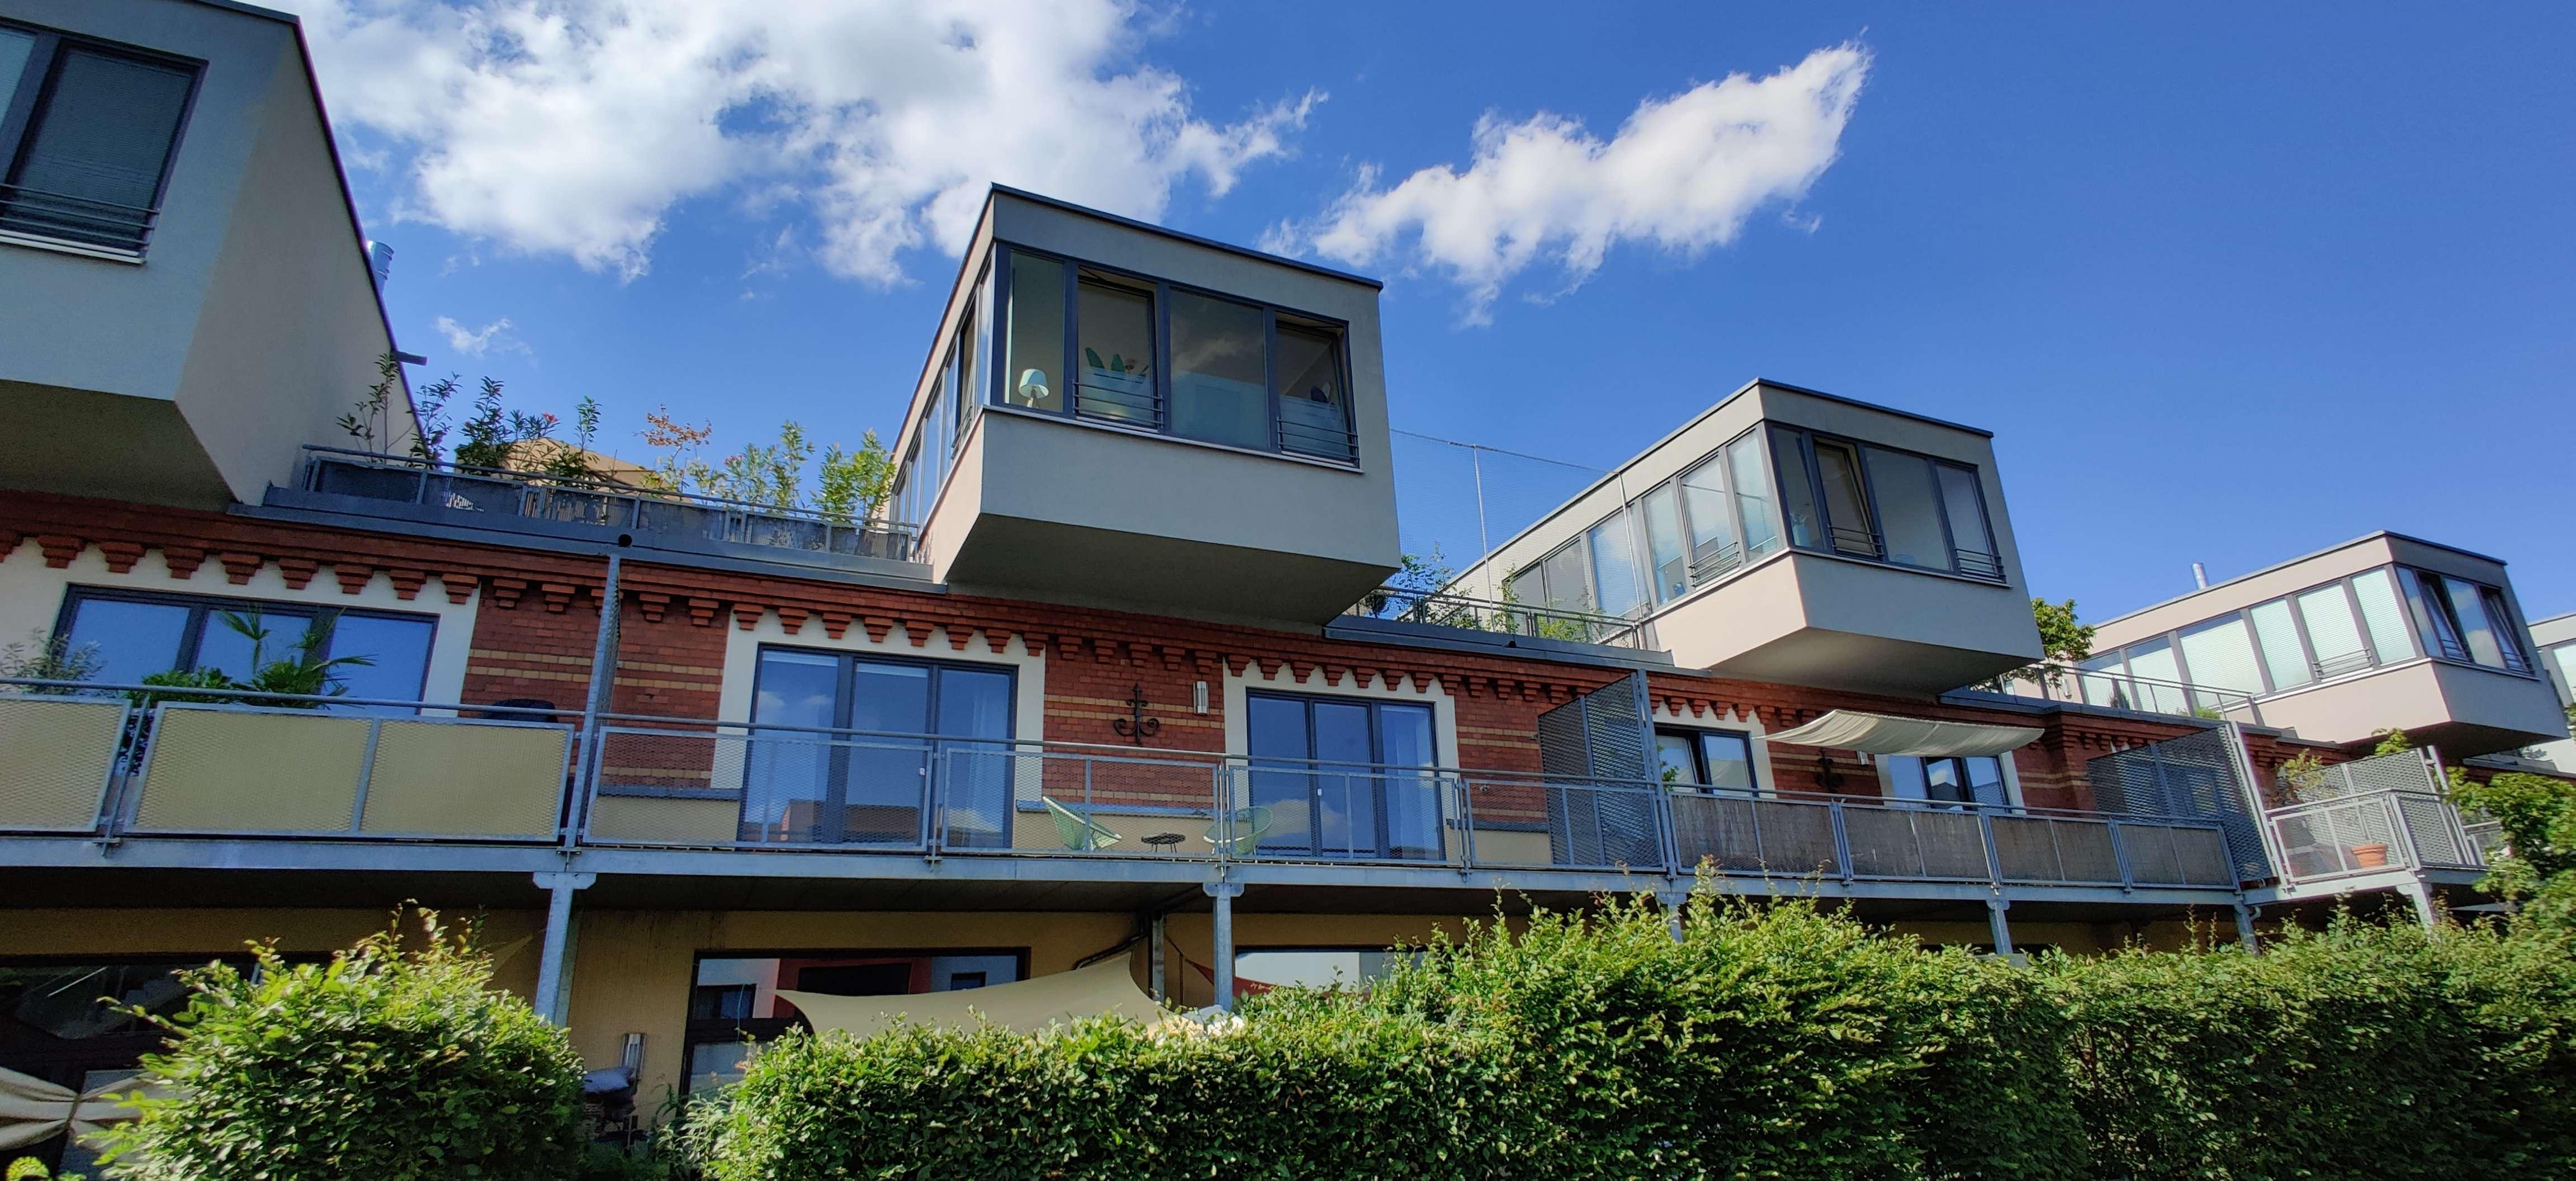 Vollständig renovierte 2,5-Raum-Wohnung mit Balkon und Einbauküche in Fürth in